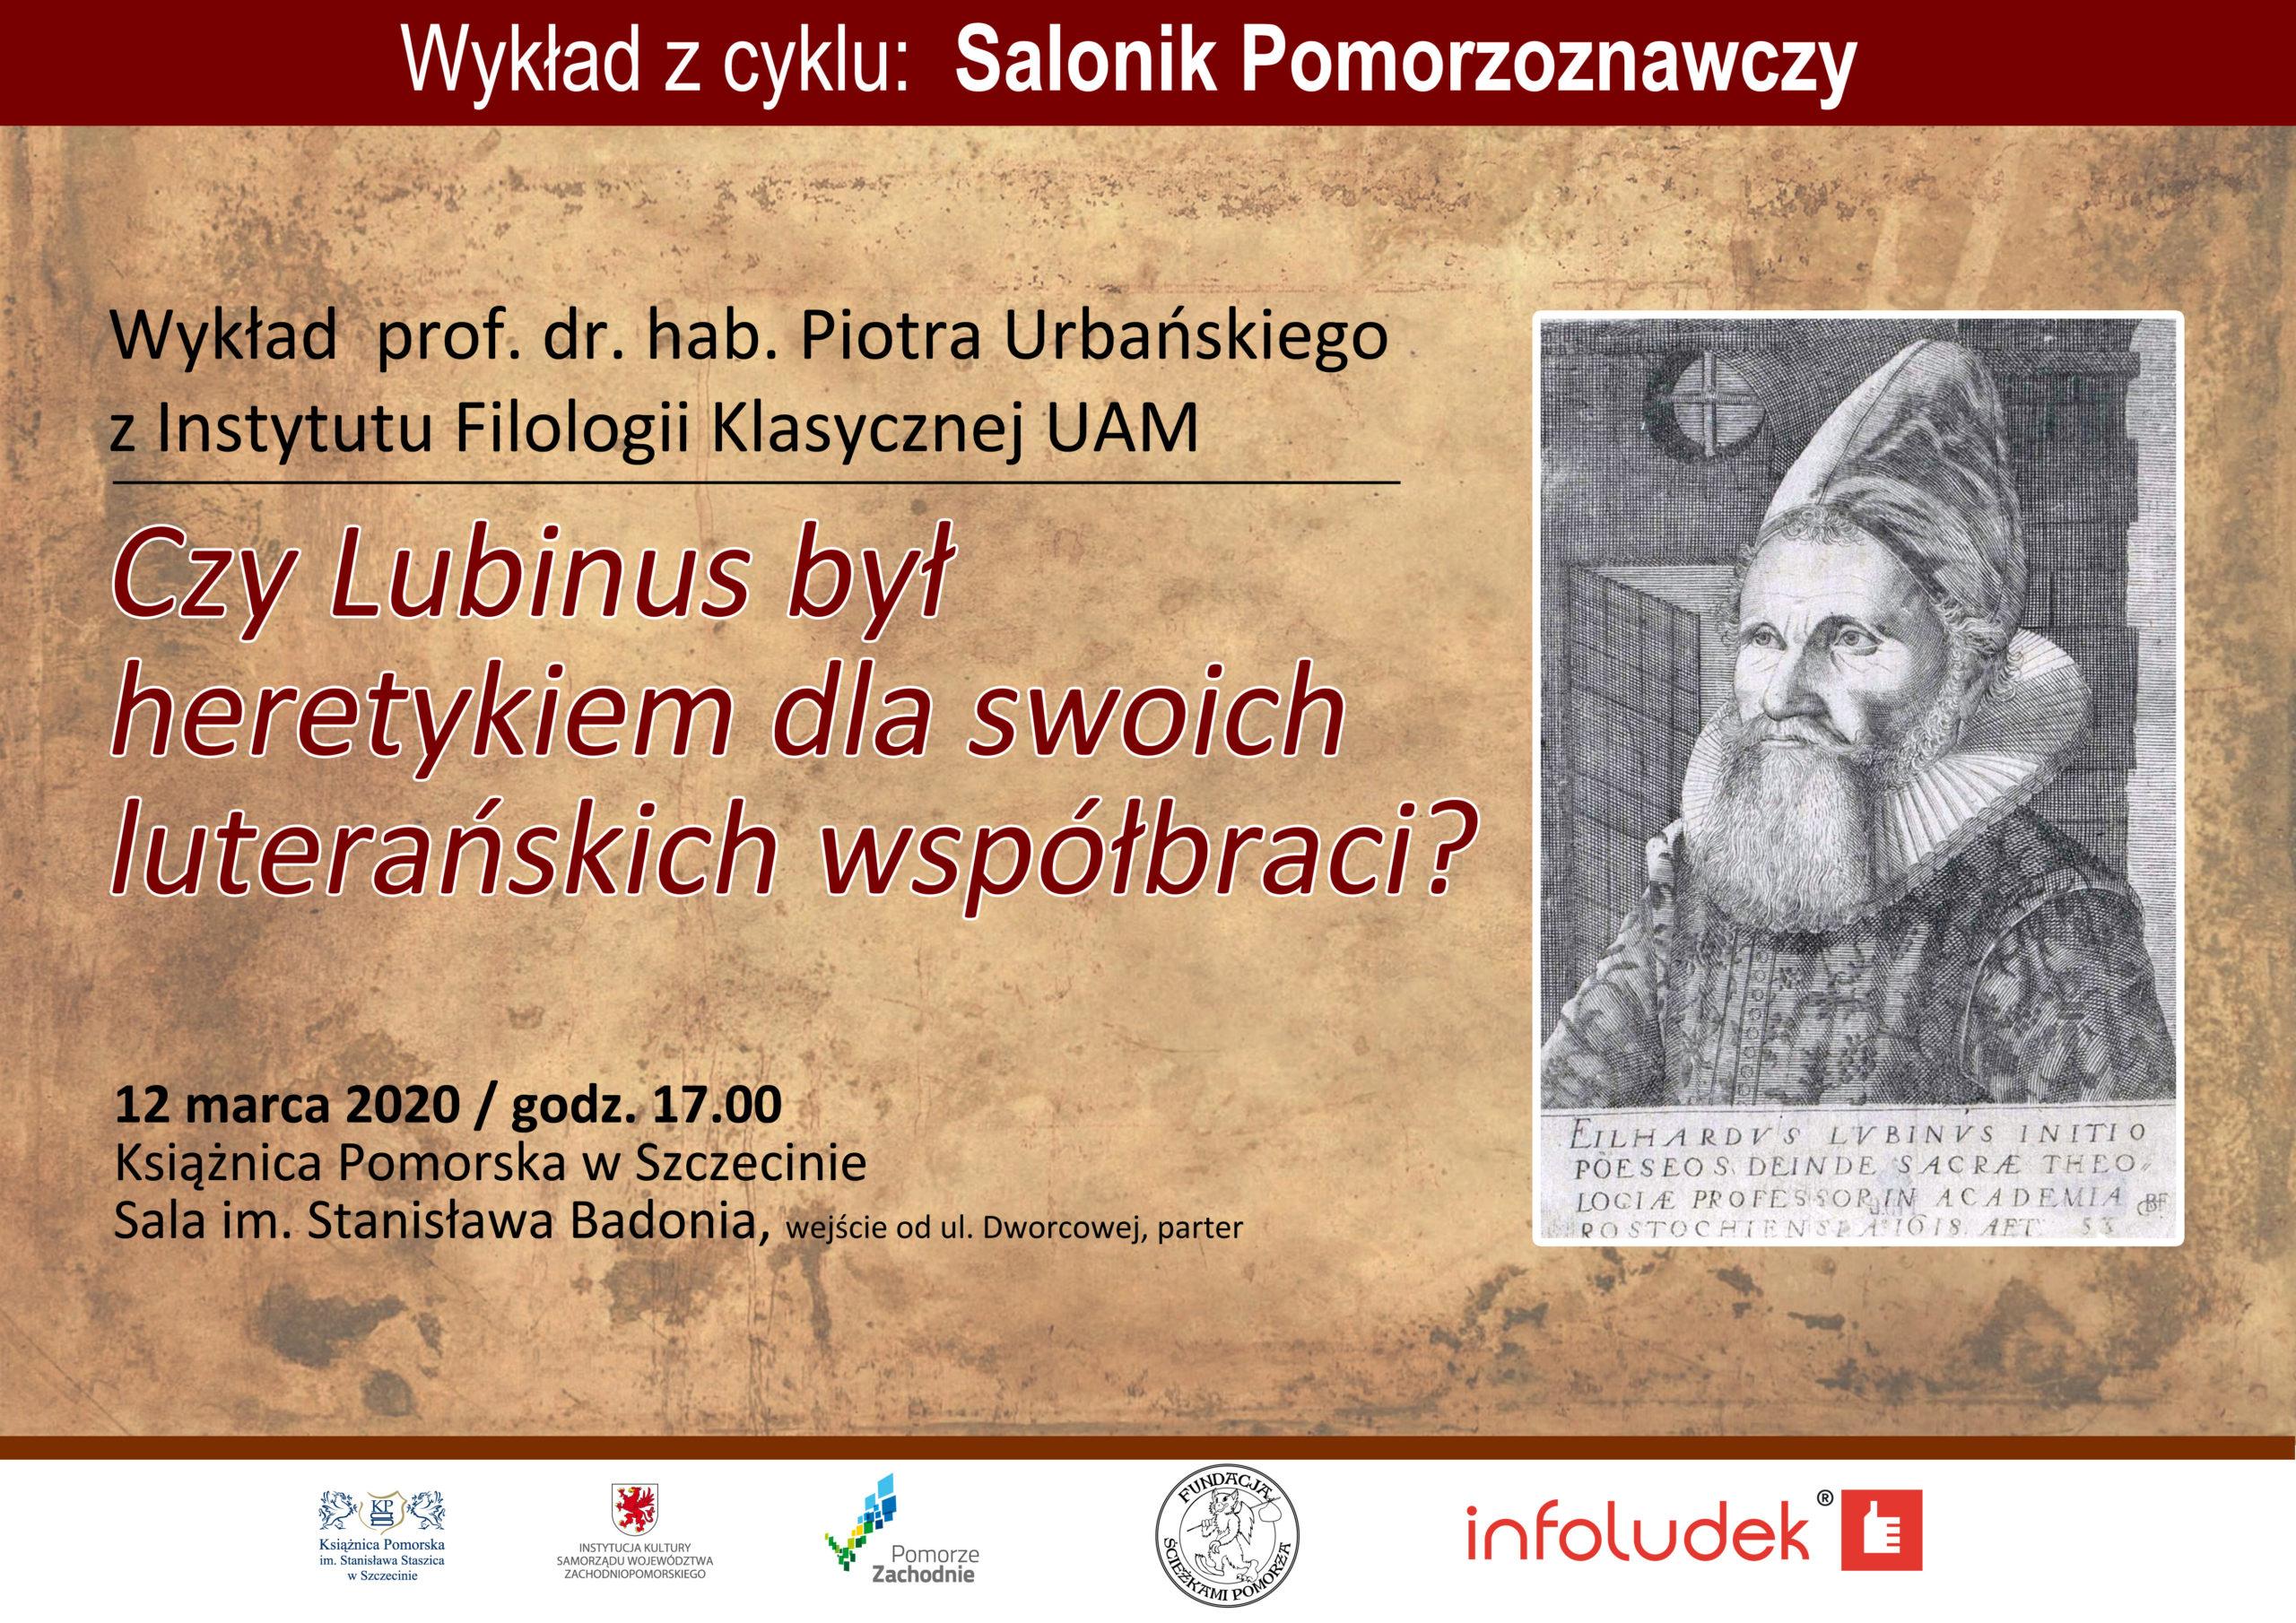 Wykład prof. dr. hab. Piotra Urbańskiego